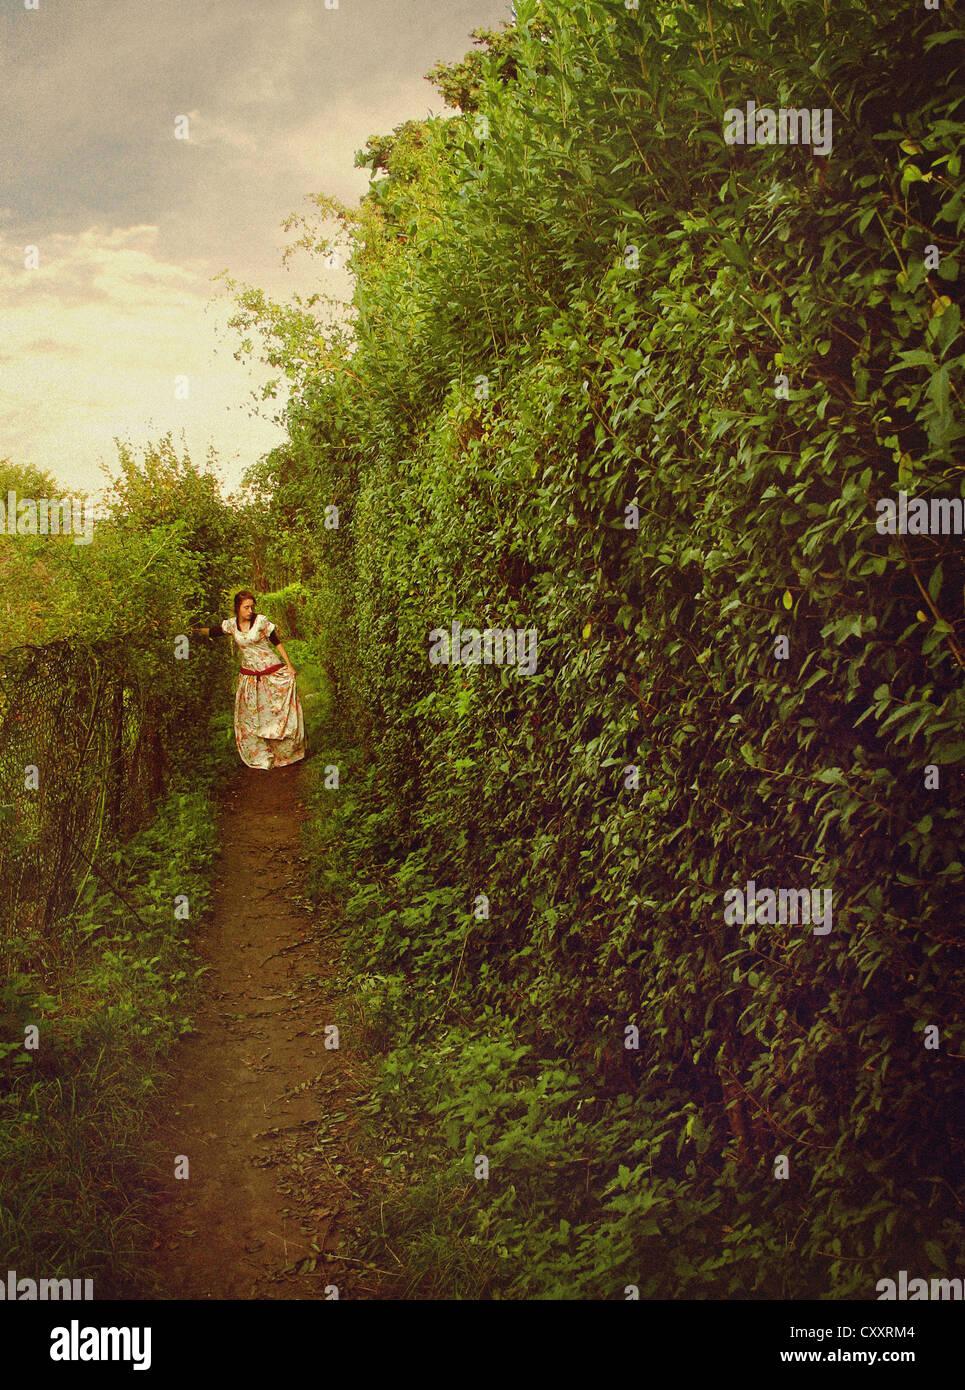 Une femme en robe blanche, marcher le long d'un chemin dans un jardin / labyrinthe. Banque D'Images